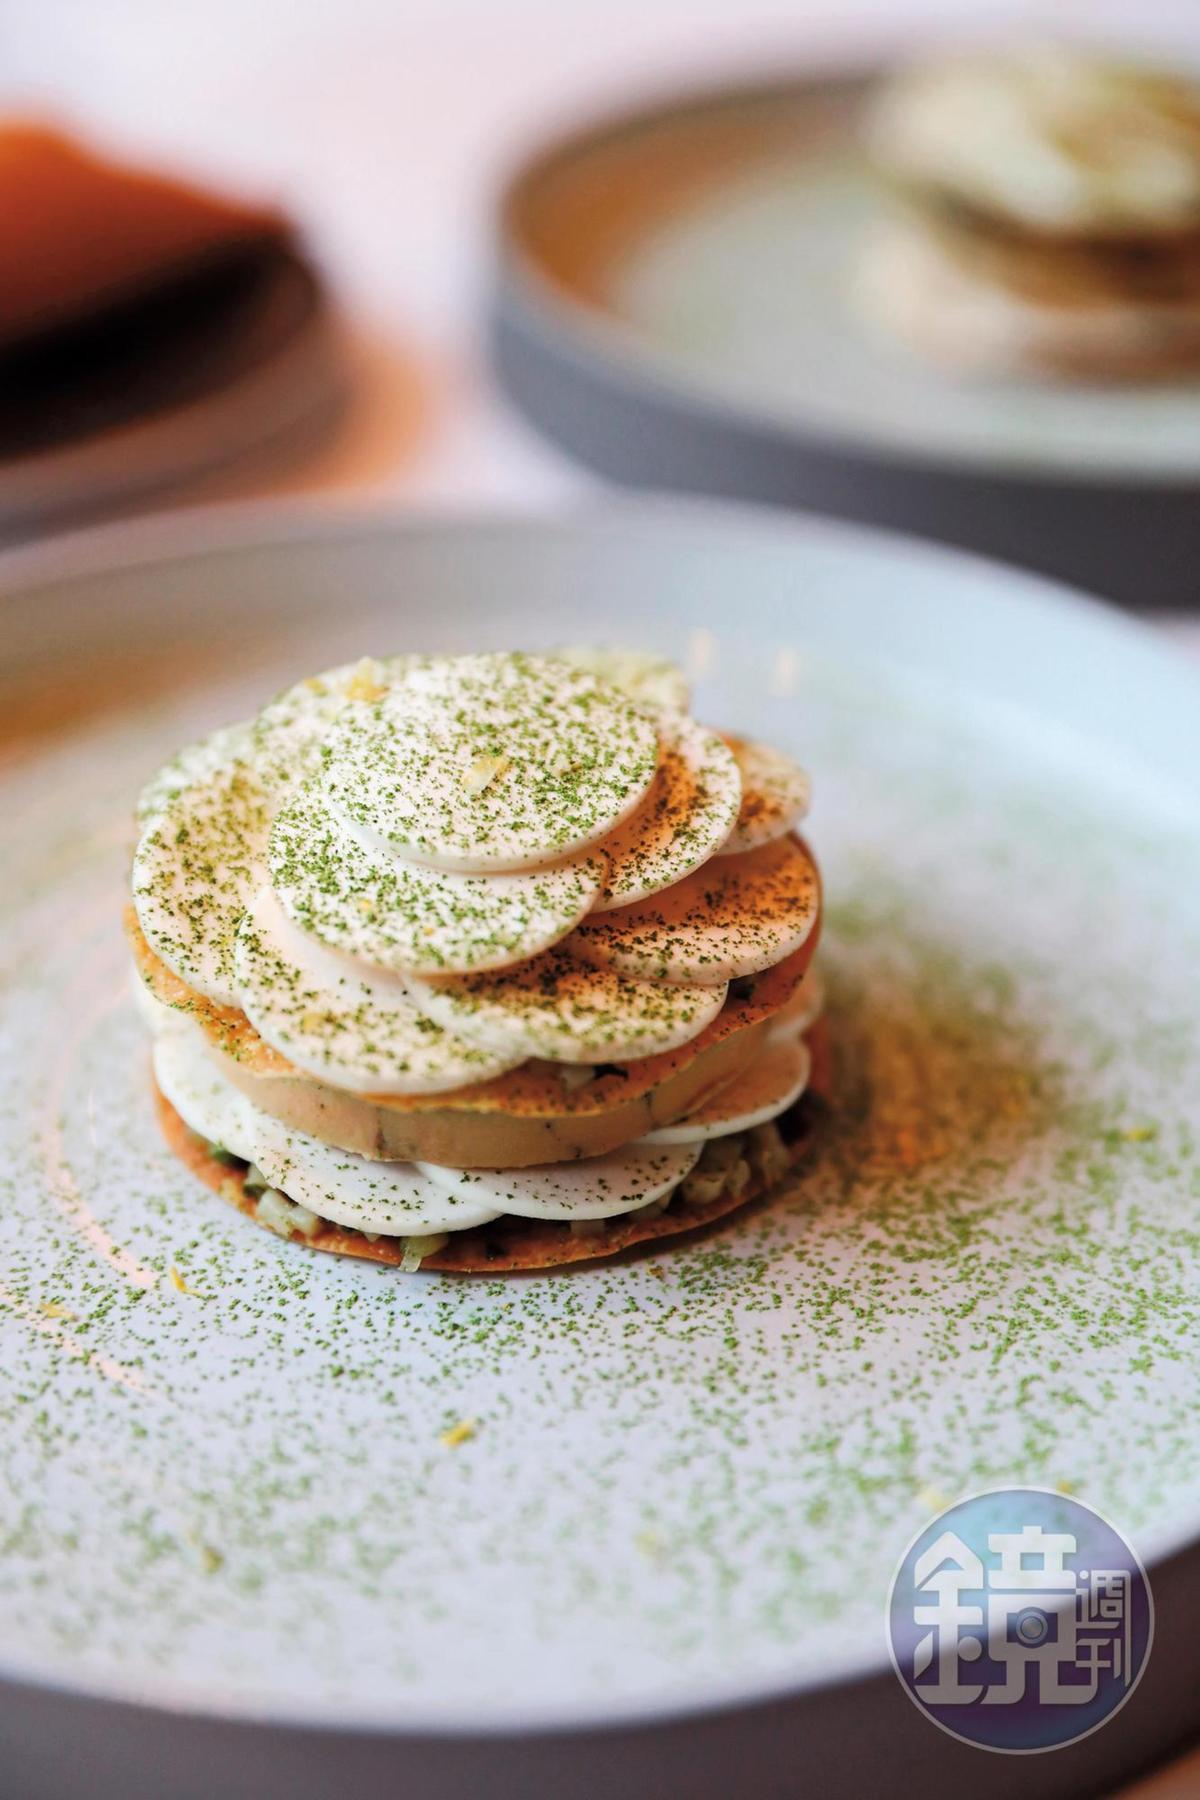 生熟蘑菇與脆餅構築多層次口感,是很棒的季節料理。(Tasting Menu菜色)